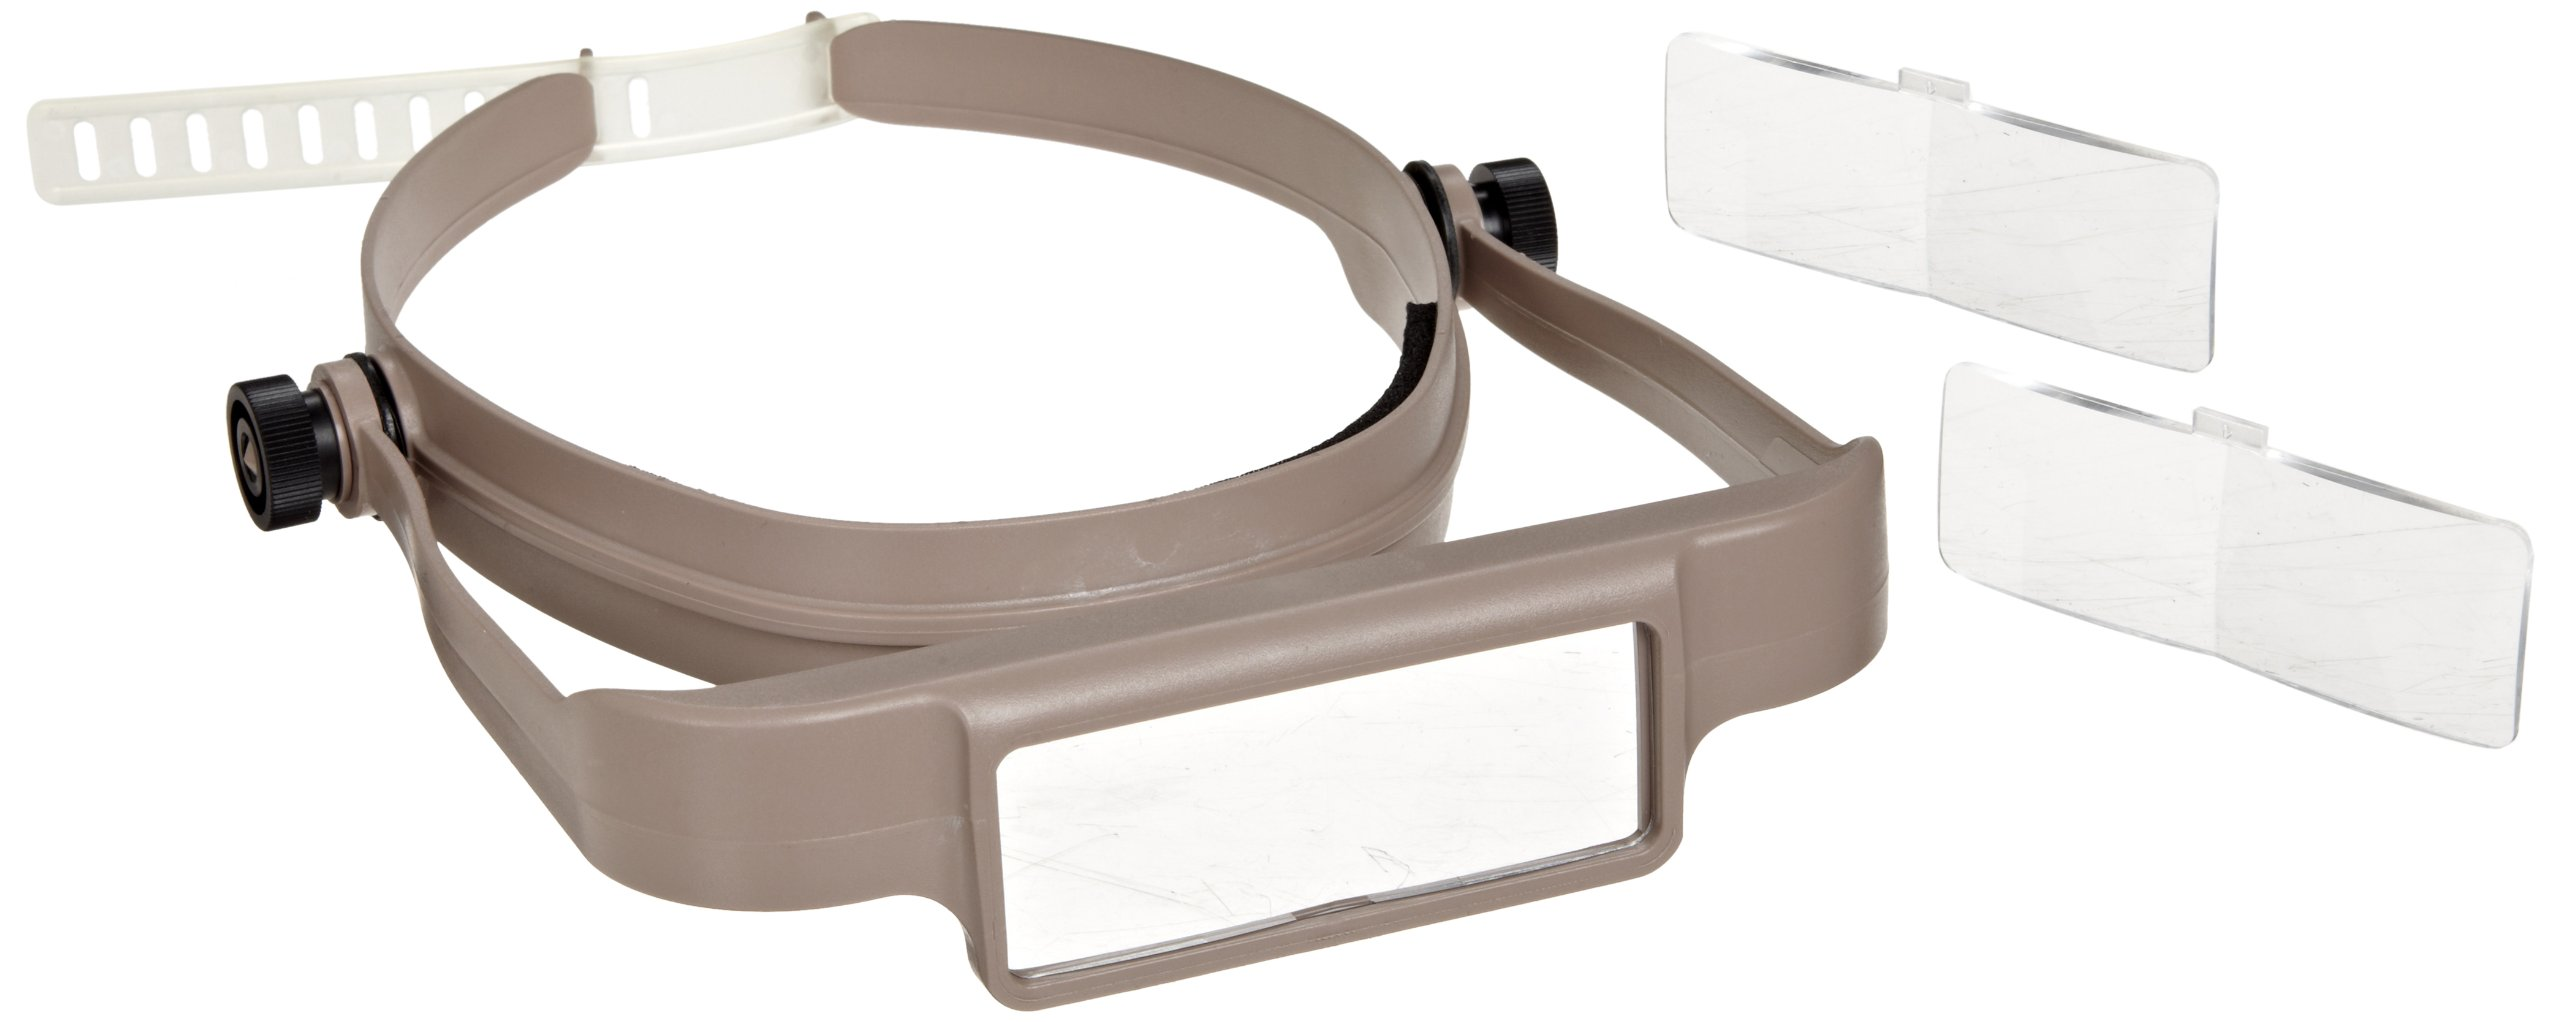 Donegan OSC OptiSIGHT Binocular Magnifying Visor, Tan